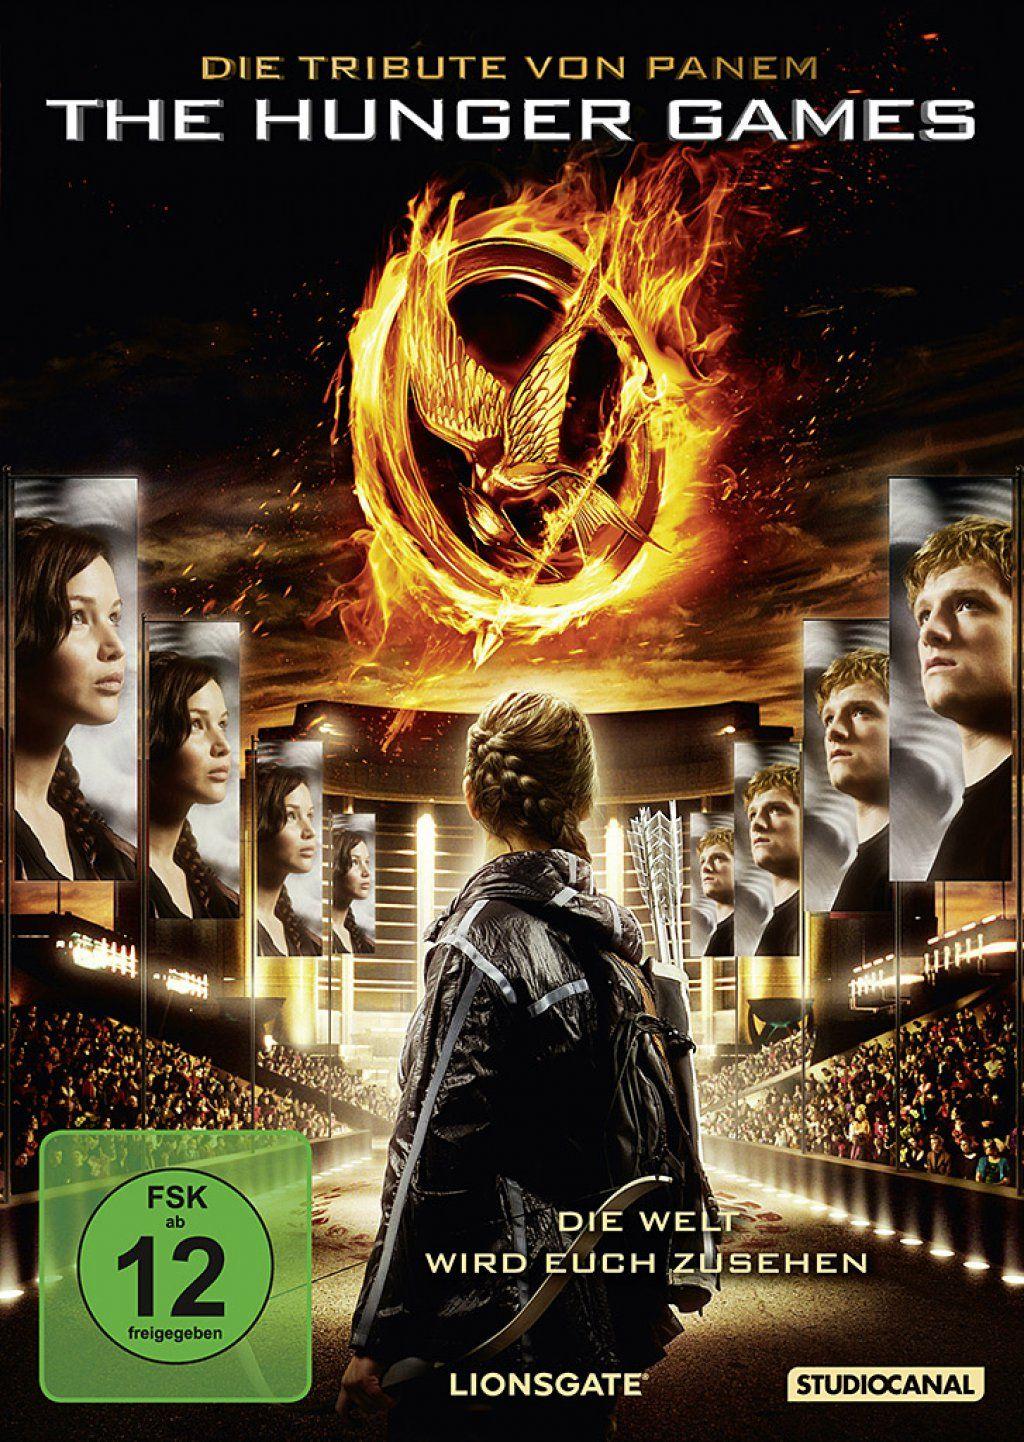 Tribute von Panem, Die - The Hunger Games